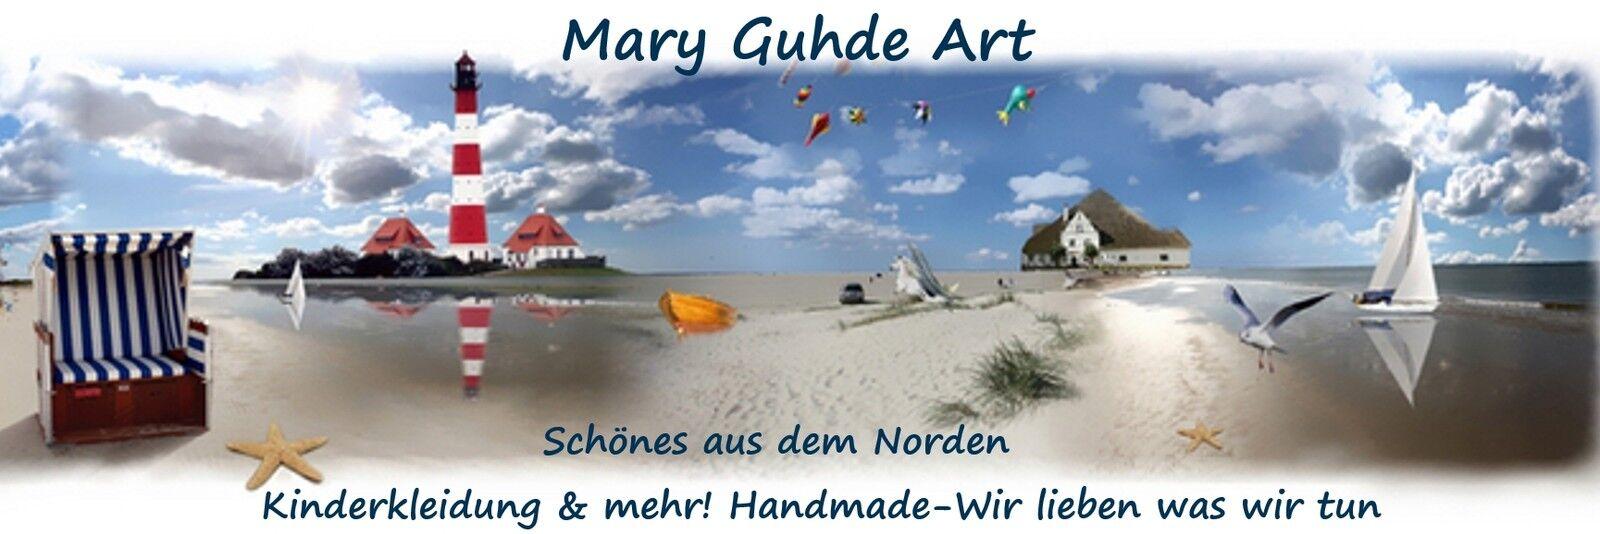 Mary-Guhde-Art